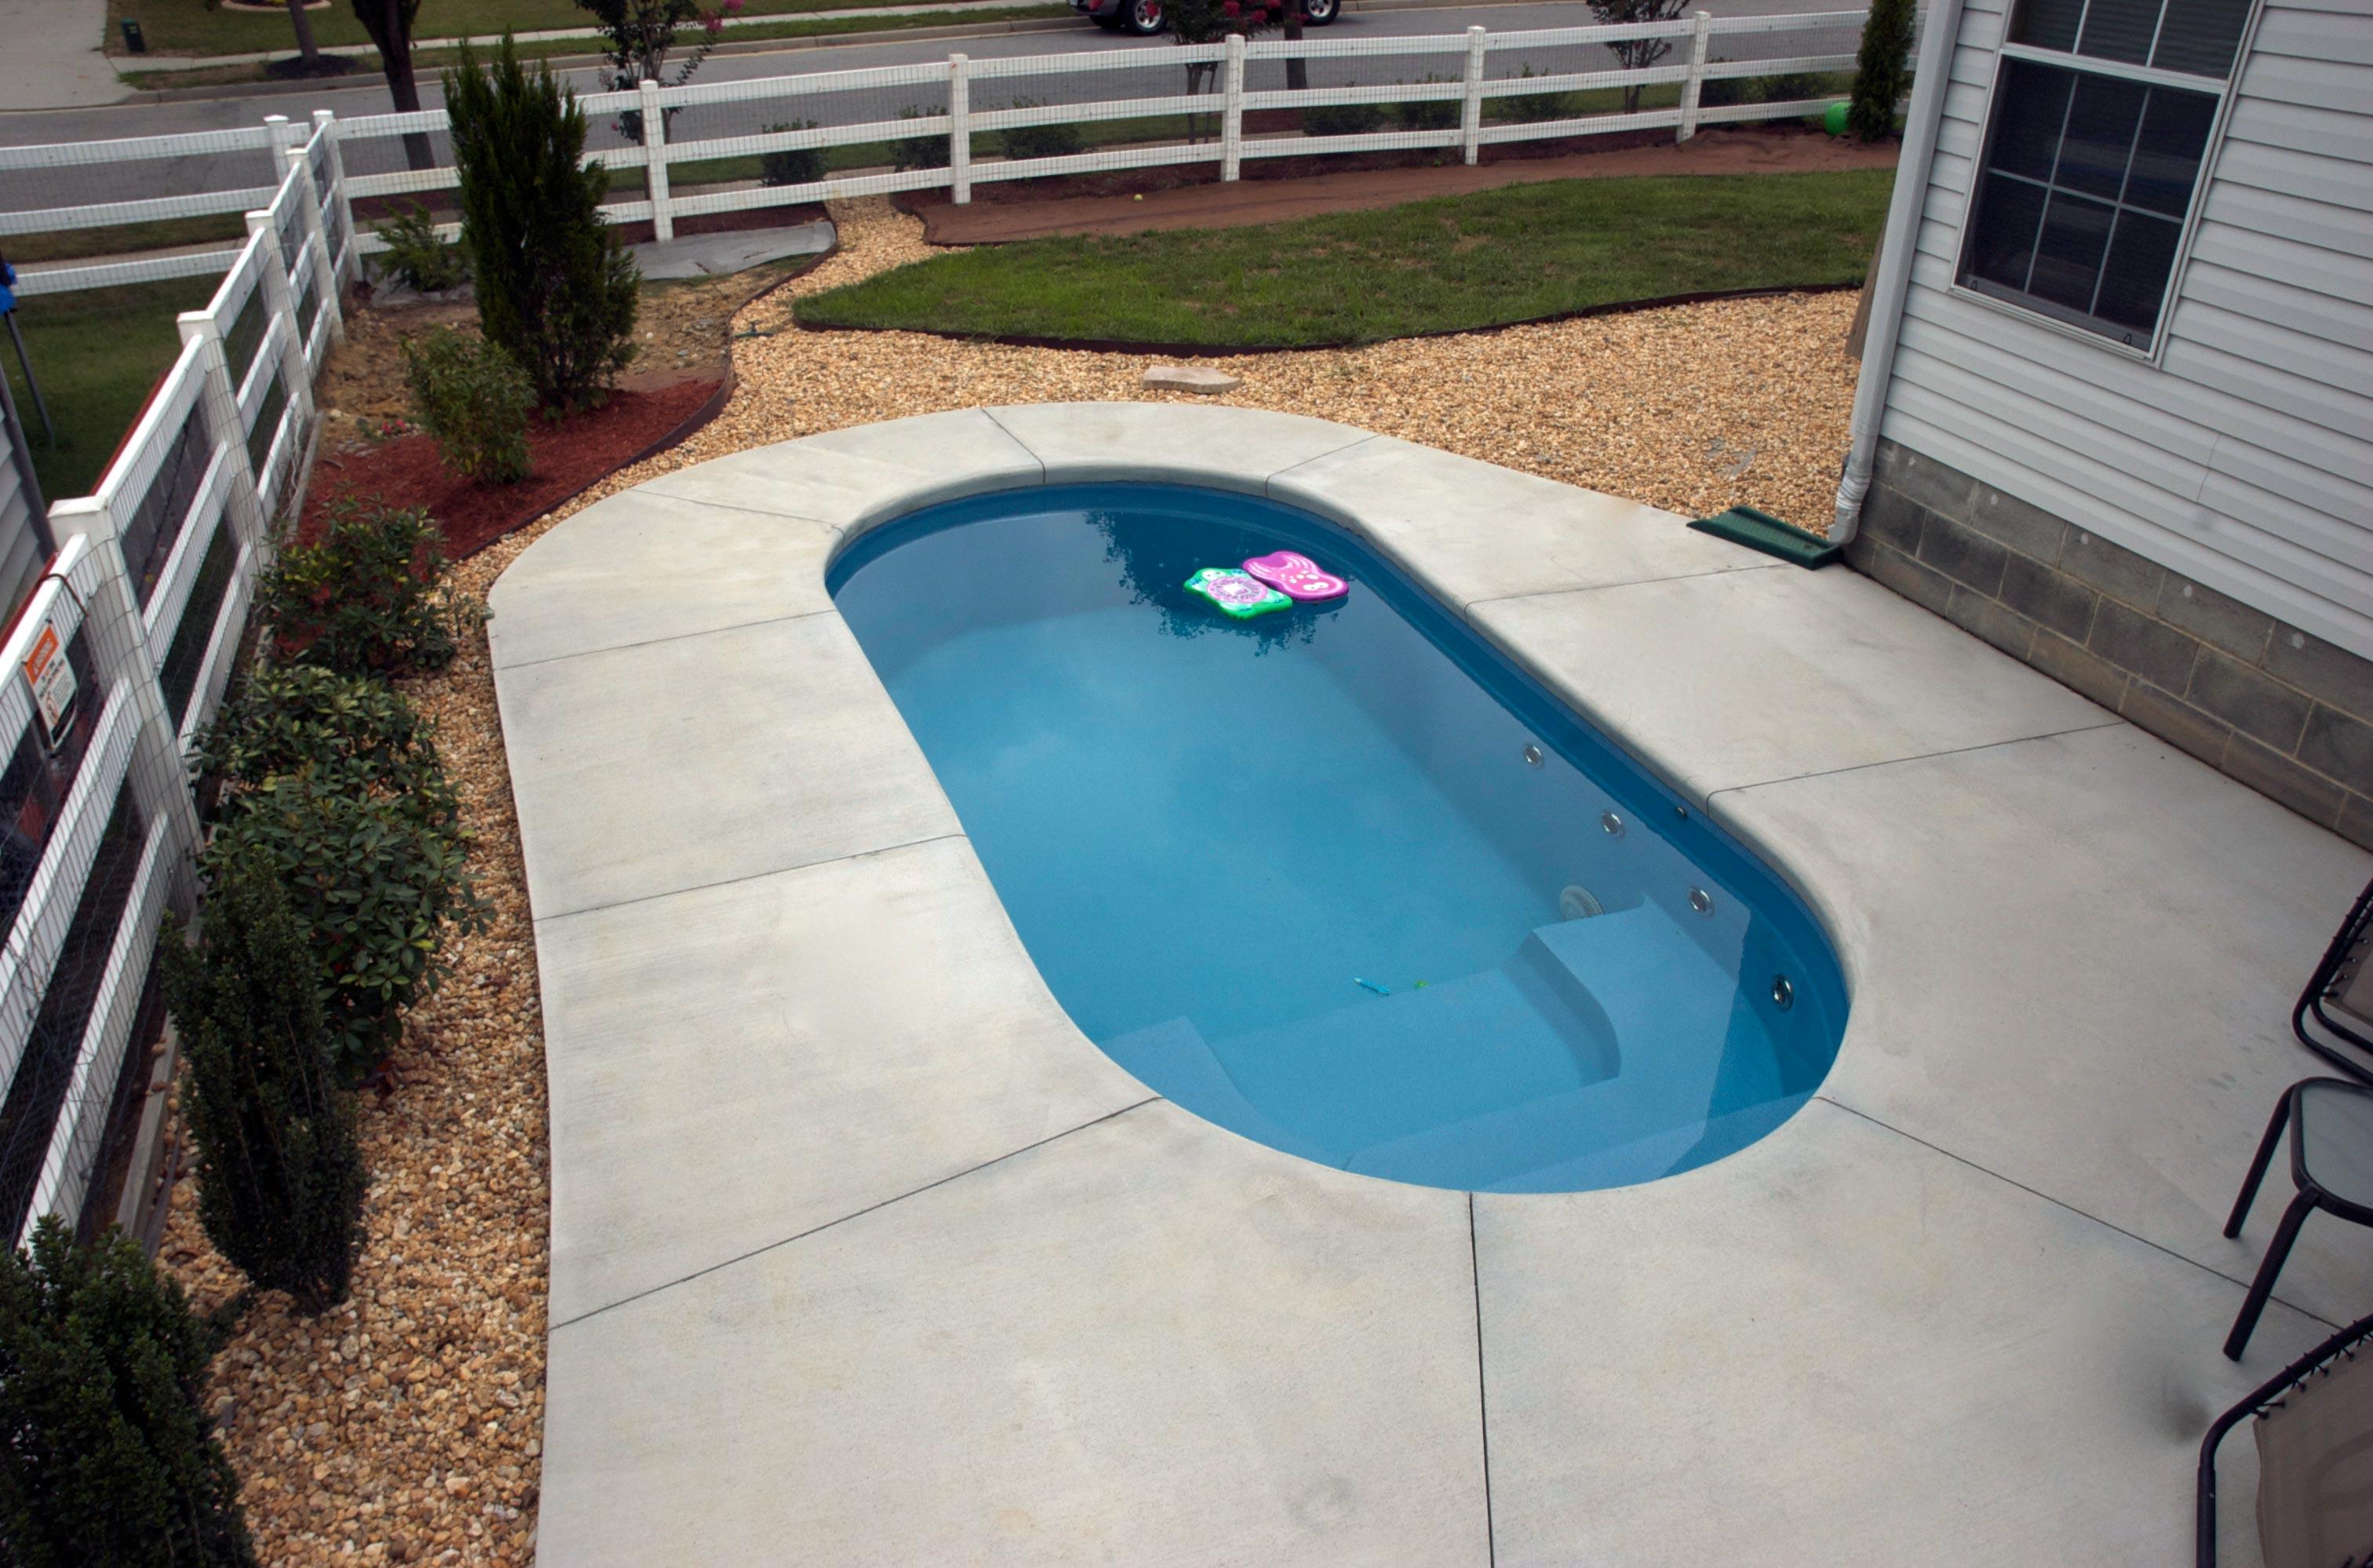 Apollo-Voyager Pool